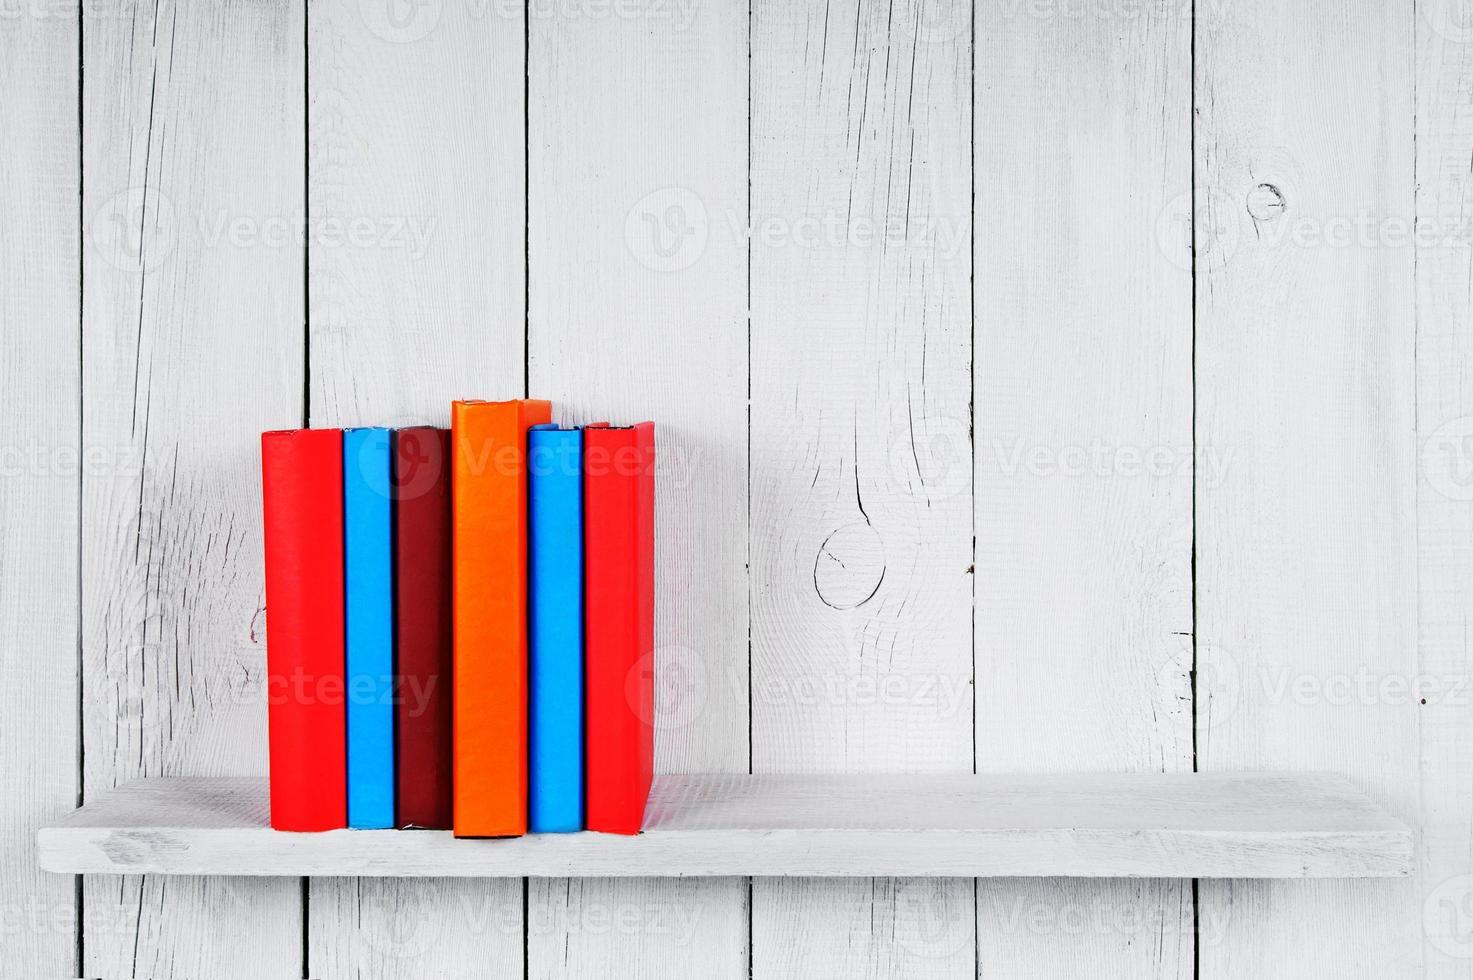 livres sur une étagère en bois. photo